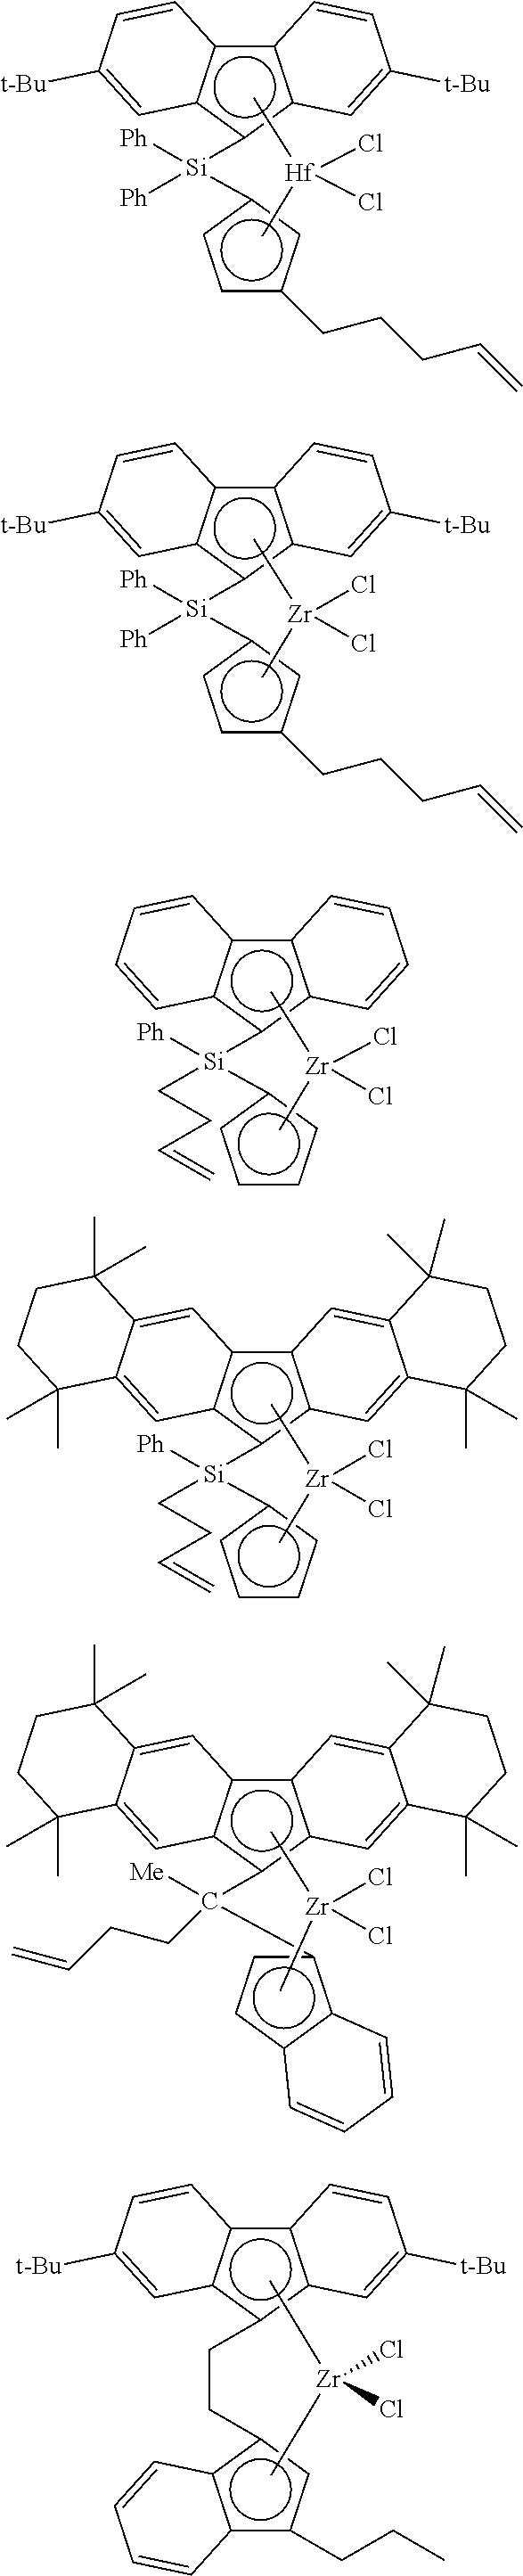 Figure US08940842-20150127-C00008